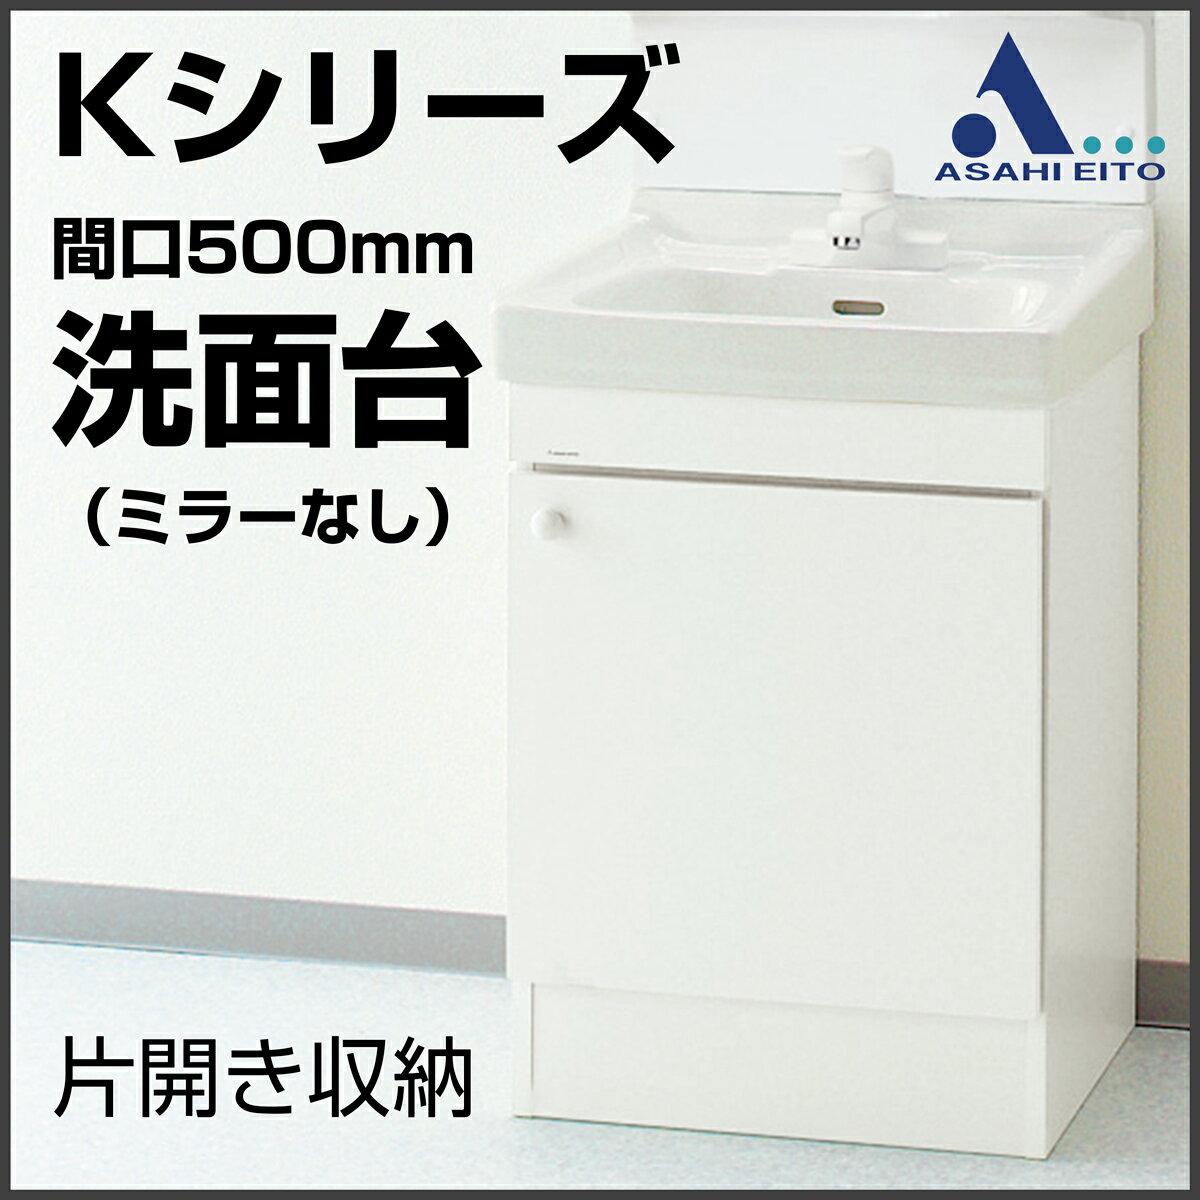 アサヒ衛陶 洗面化粧台 Kシリーズ 間口500mm 鏡なし シングルレバー混合栓 LK501KRFEW10 シンプルデザインで、充実機能をさらにお求めやすく